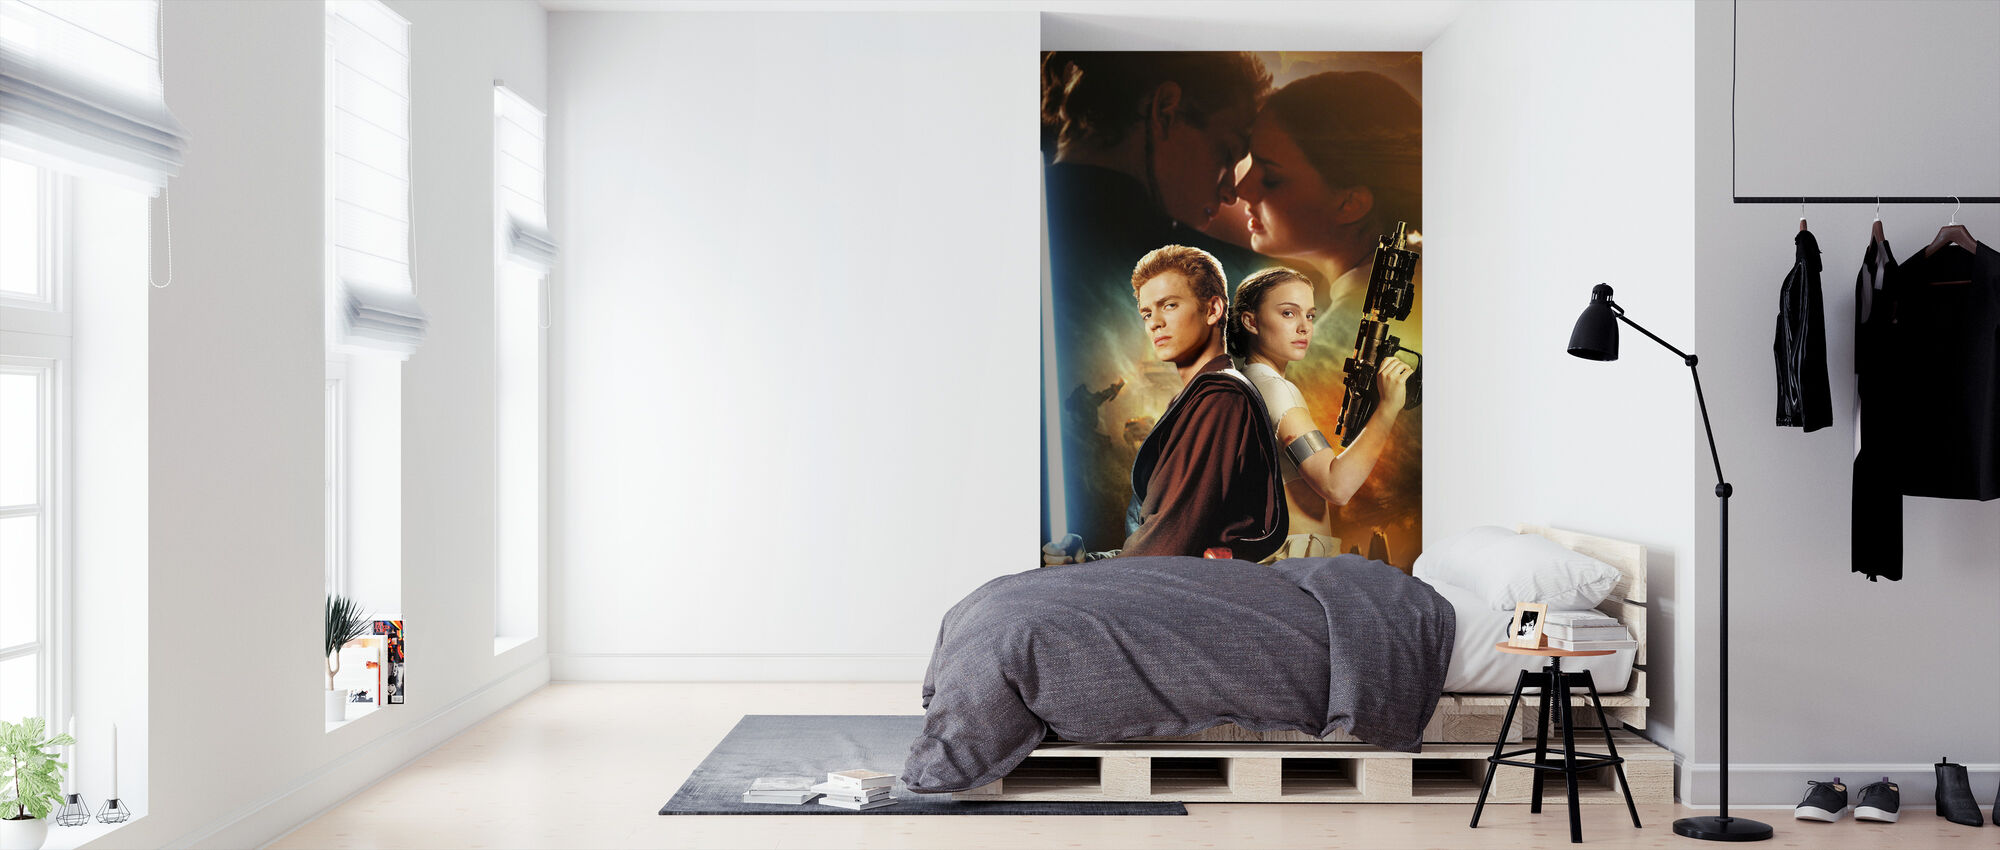 Star Wars - Anakin Skywalker og Padme Amidala våben - Tapet - Soveværelse